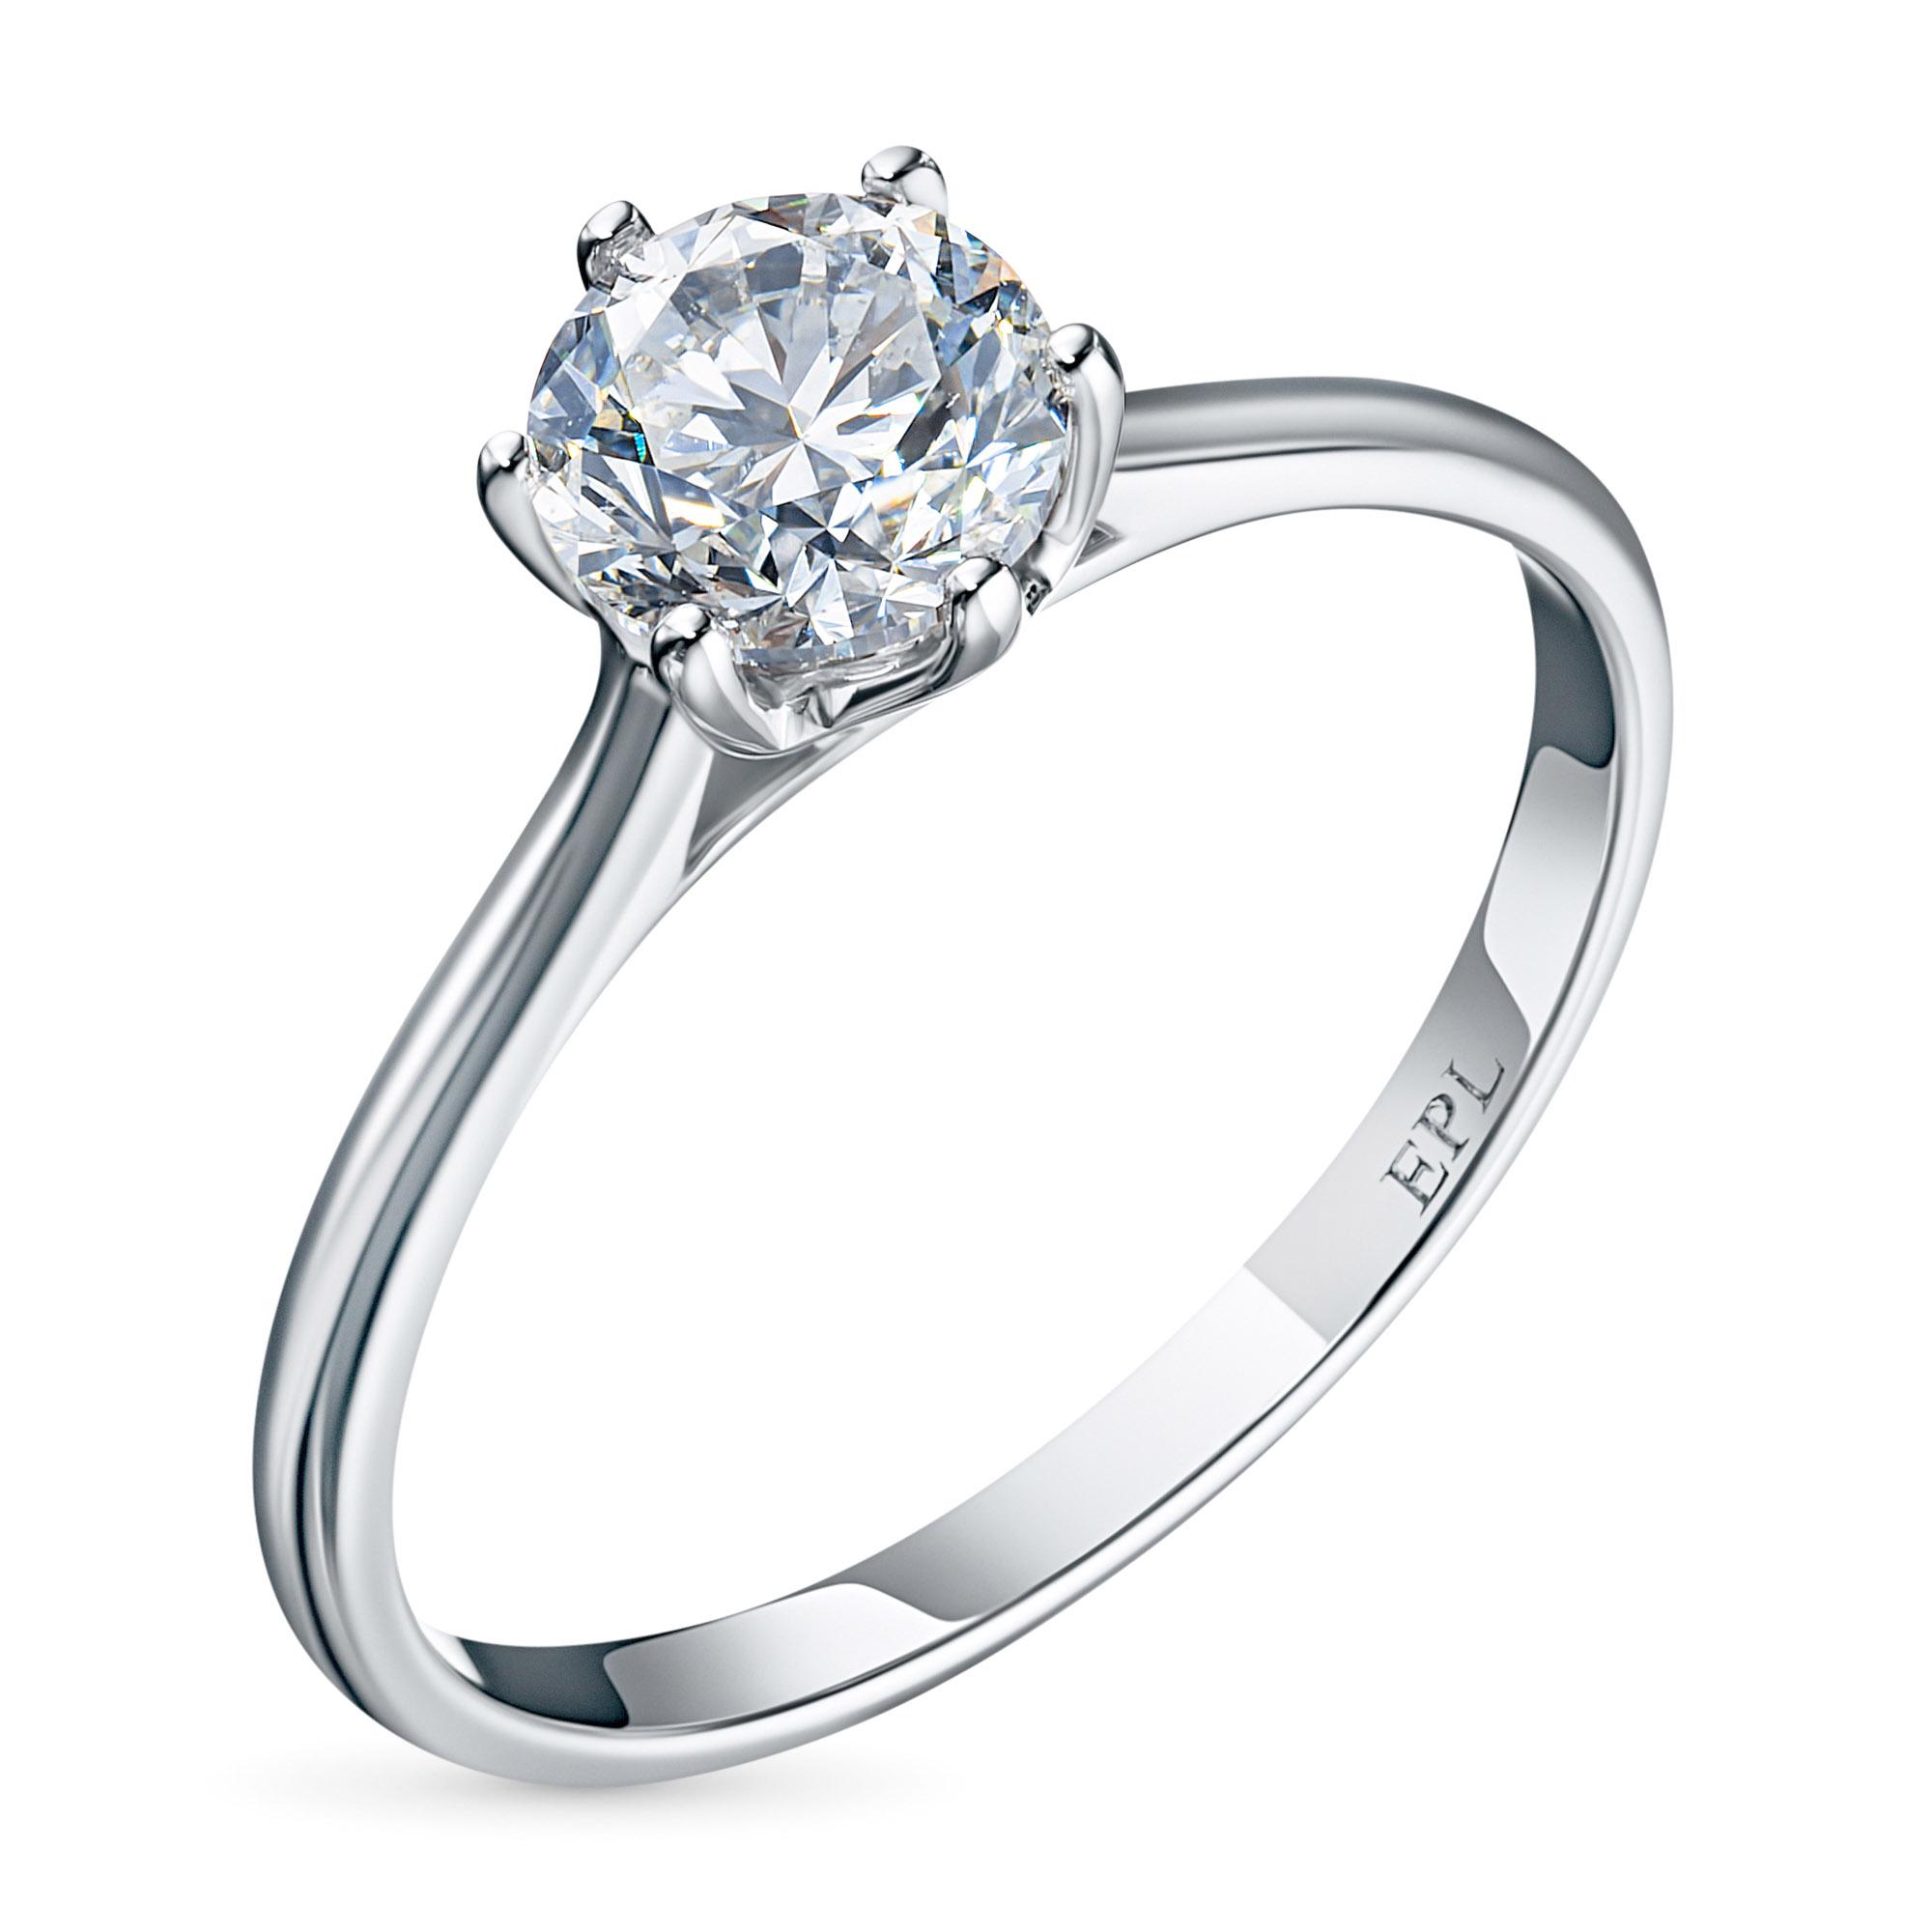 Кольцо из белого золота с бриллиантом э0901кц07200752 э0901кц07200752